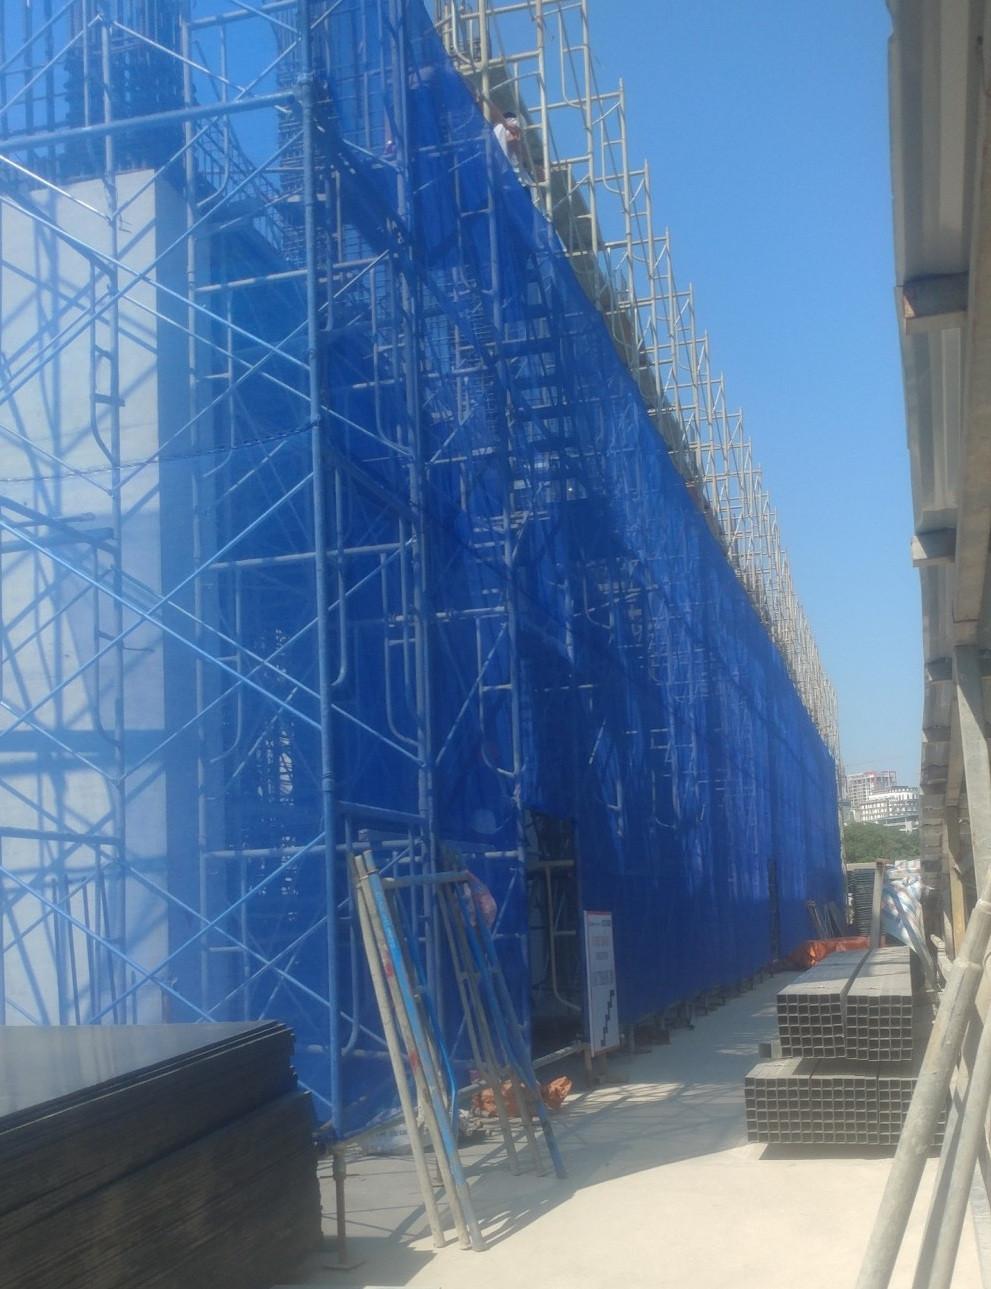 Mua lưới che bụi công trình theo tiêu chuẩn của Bộ Xây Dựng tại Nam Từ Liêm, Hà Nội